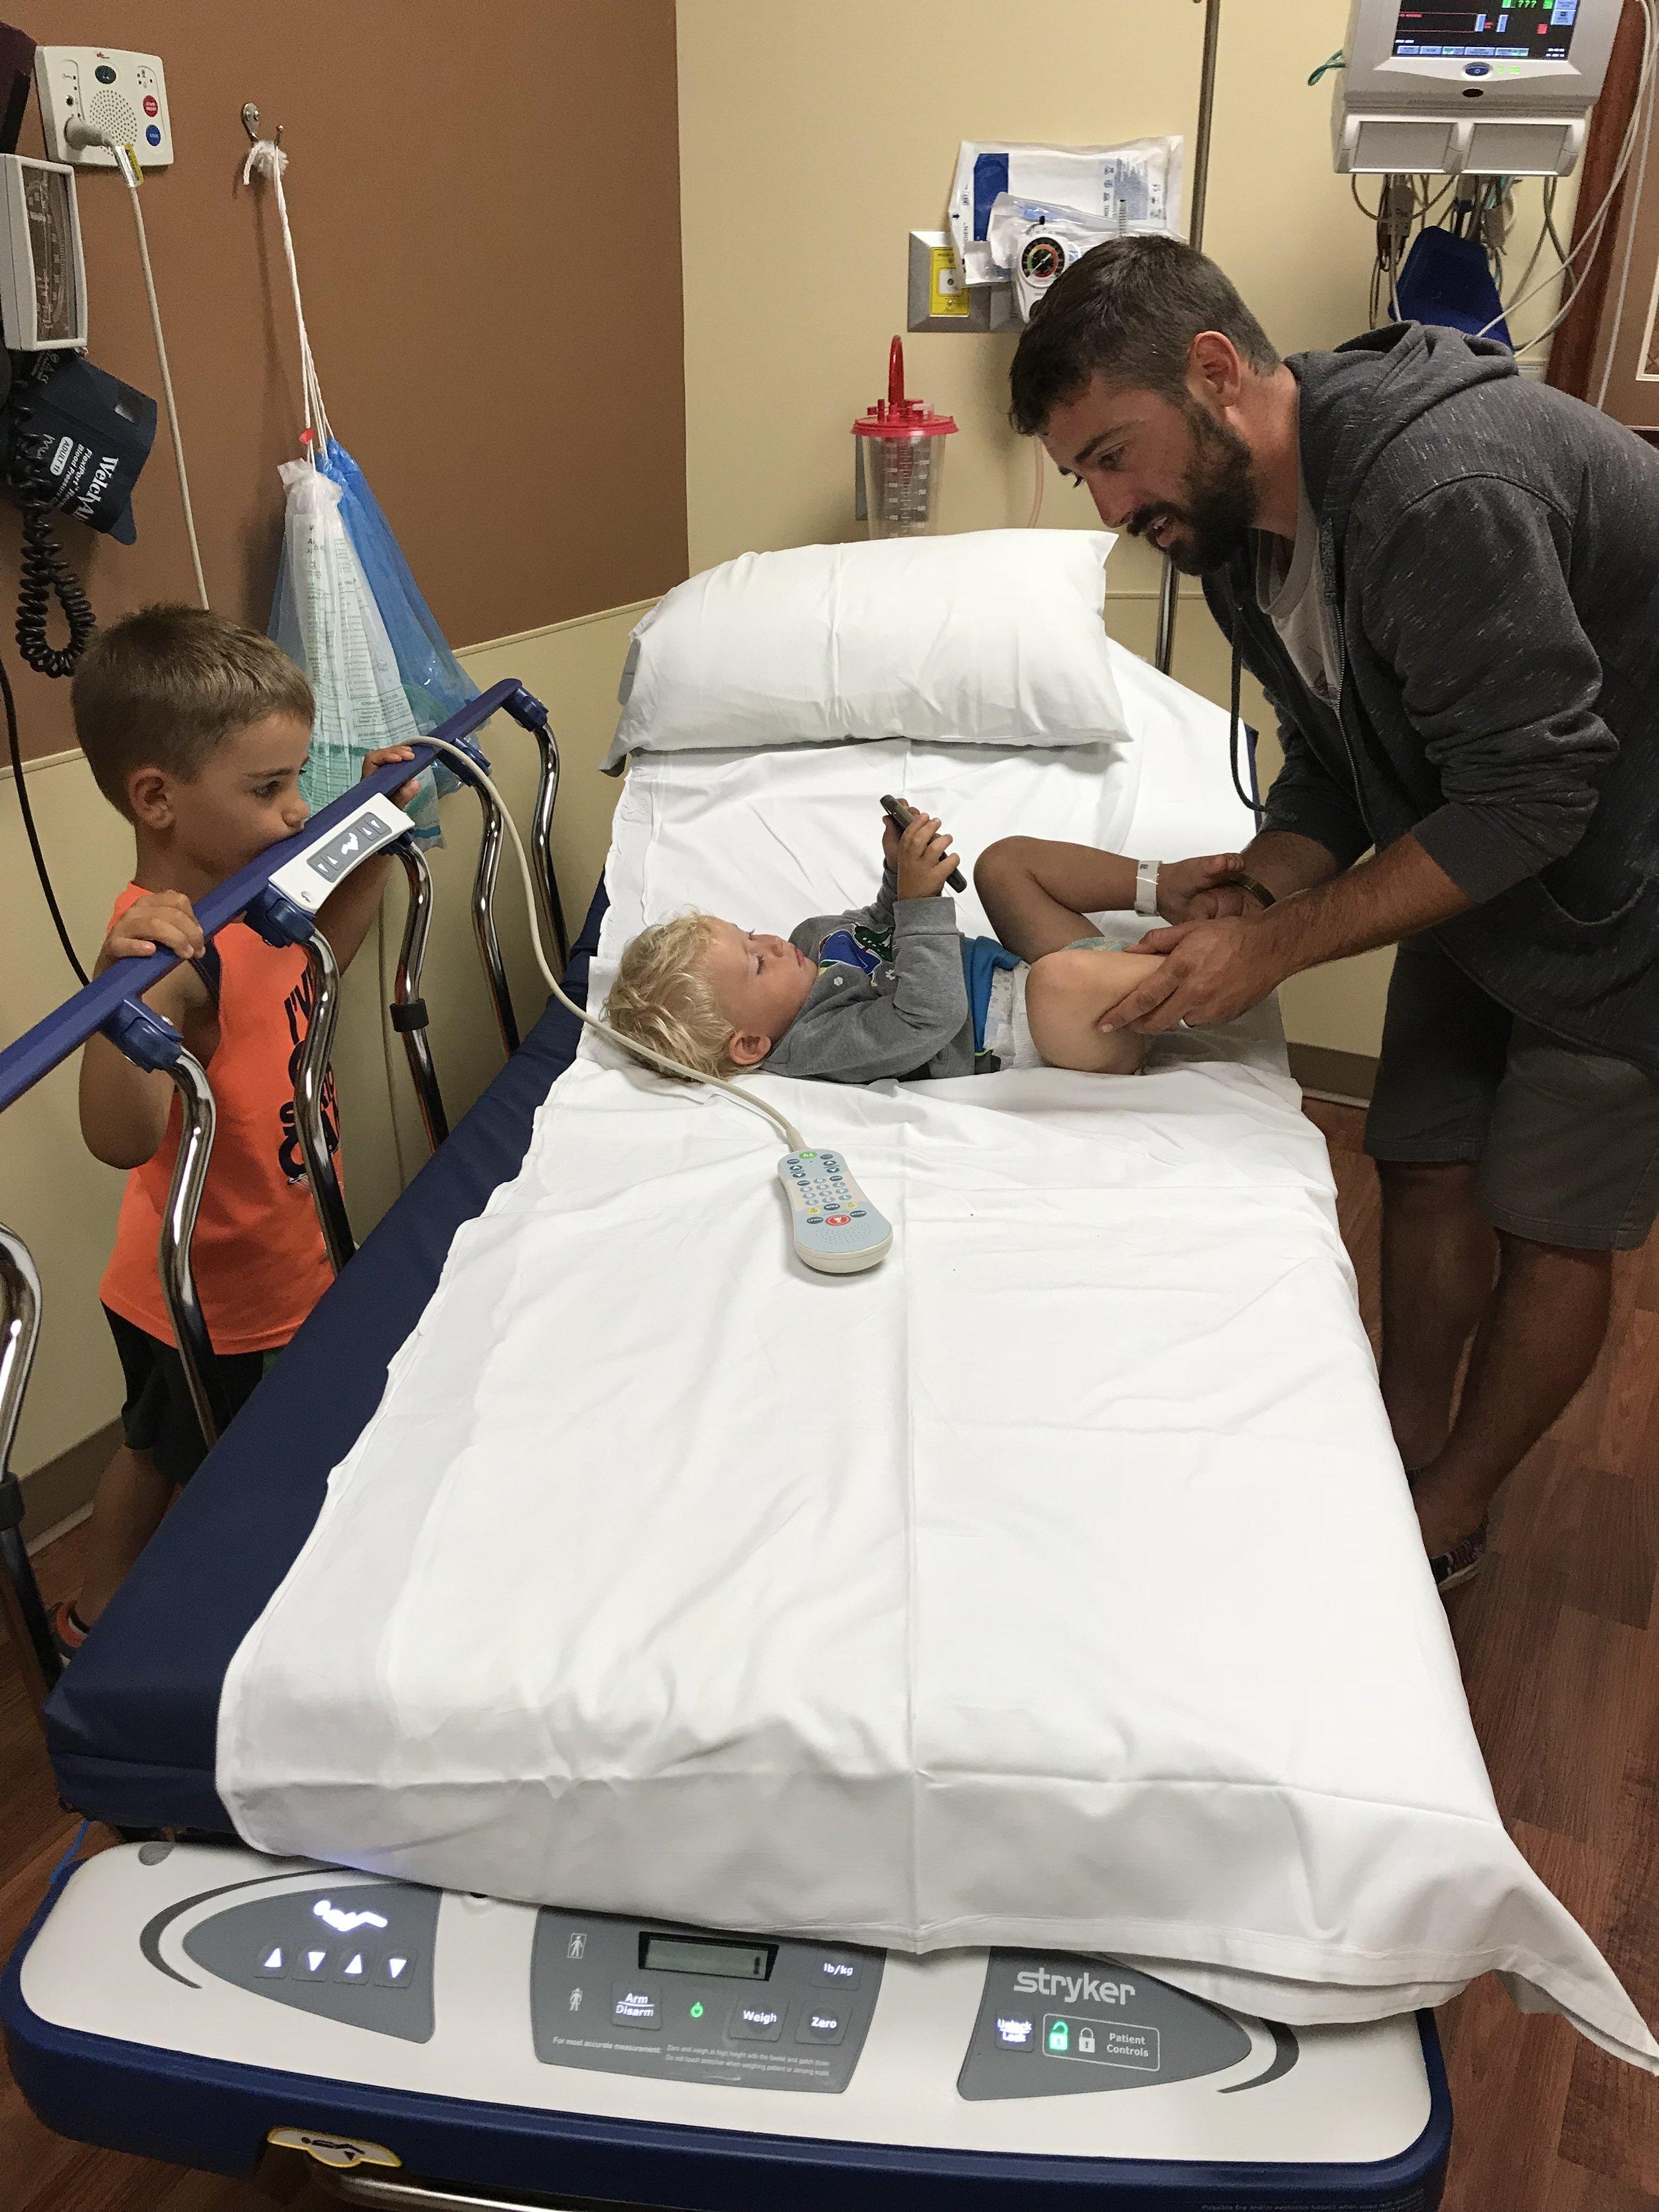 Des Moines Injury #2   Des Moines, IA   June